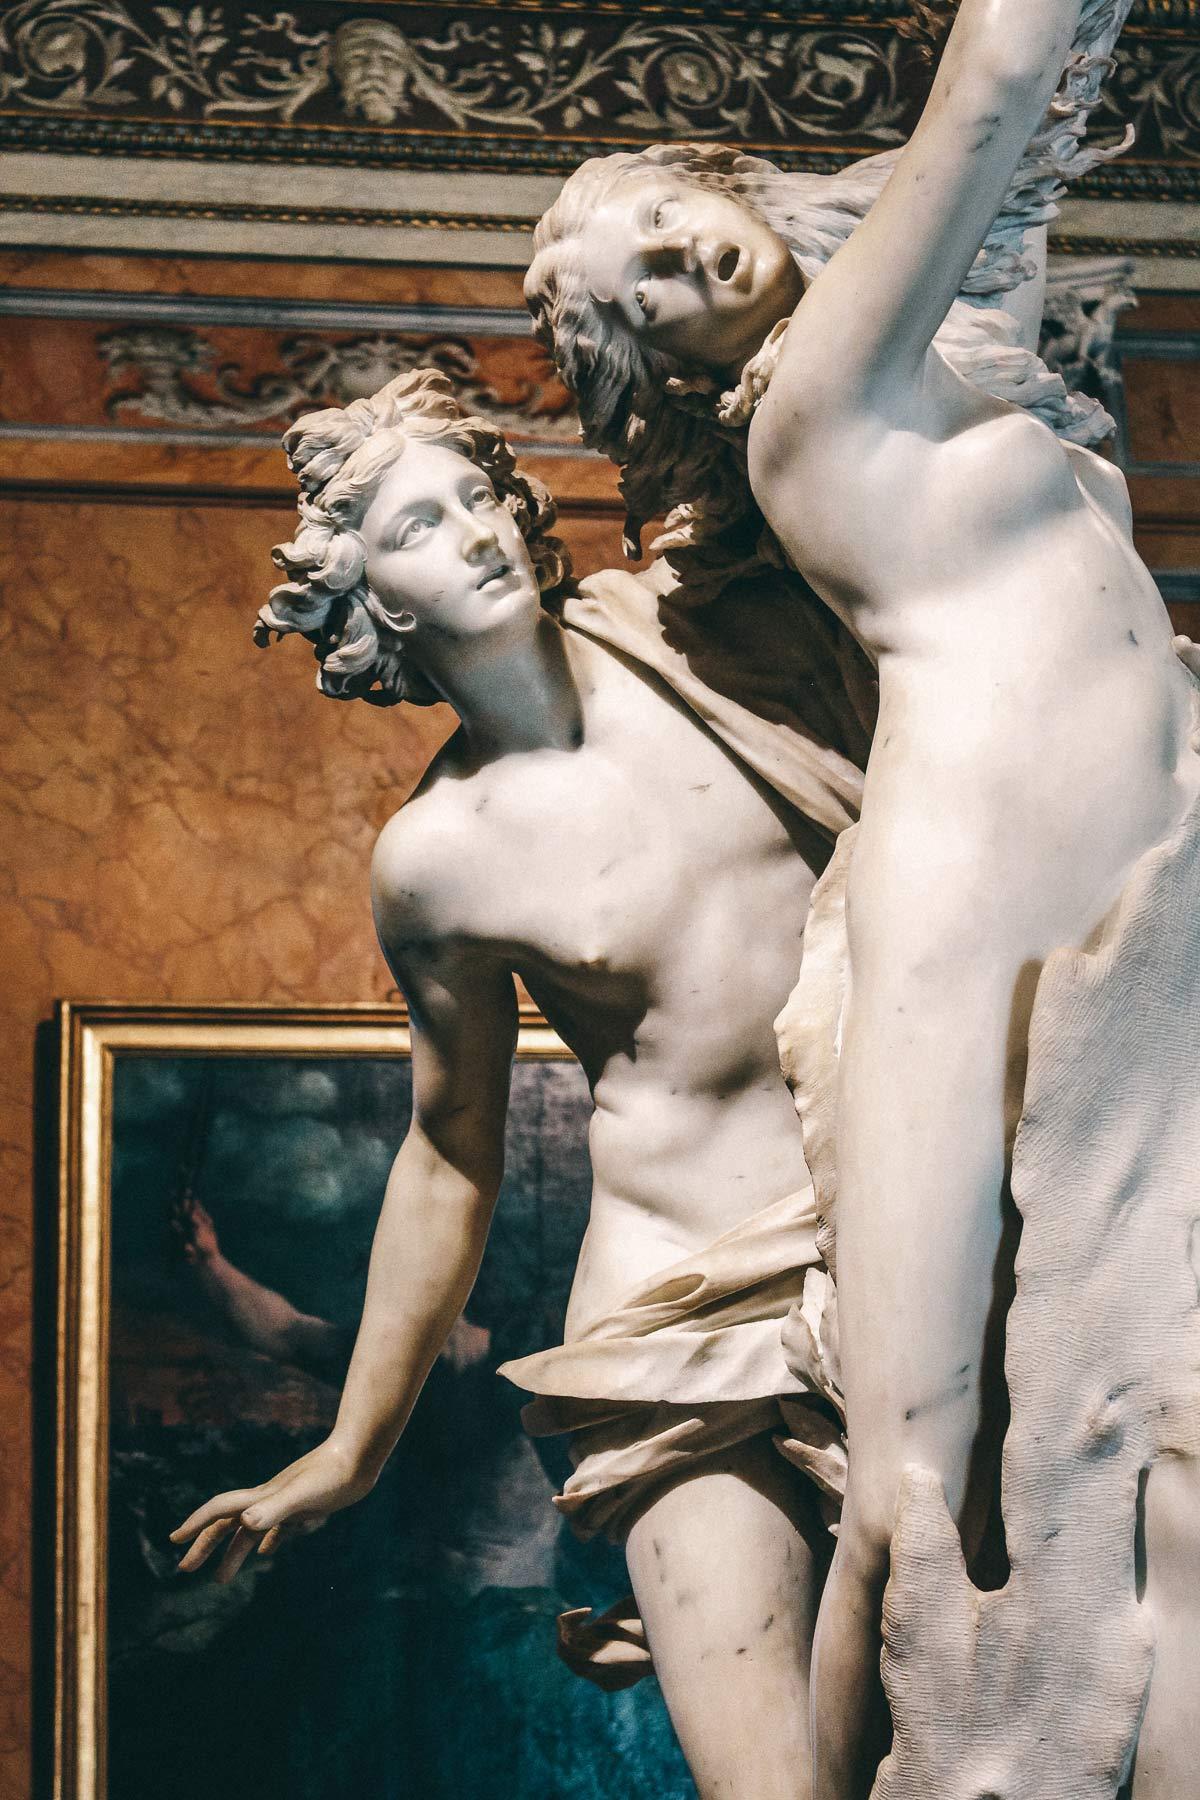 Apoll Daphne galleria borghese